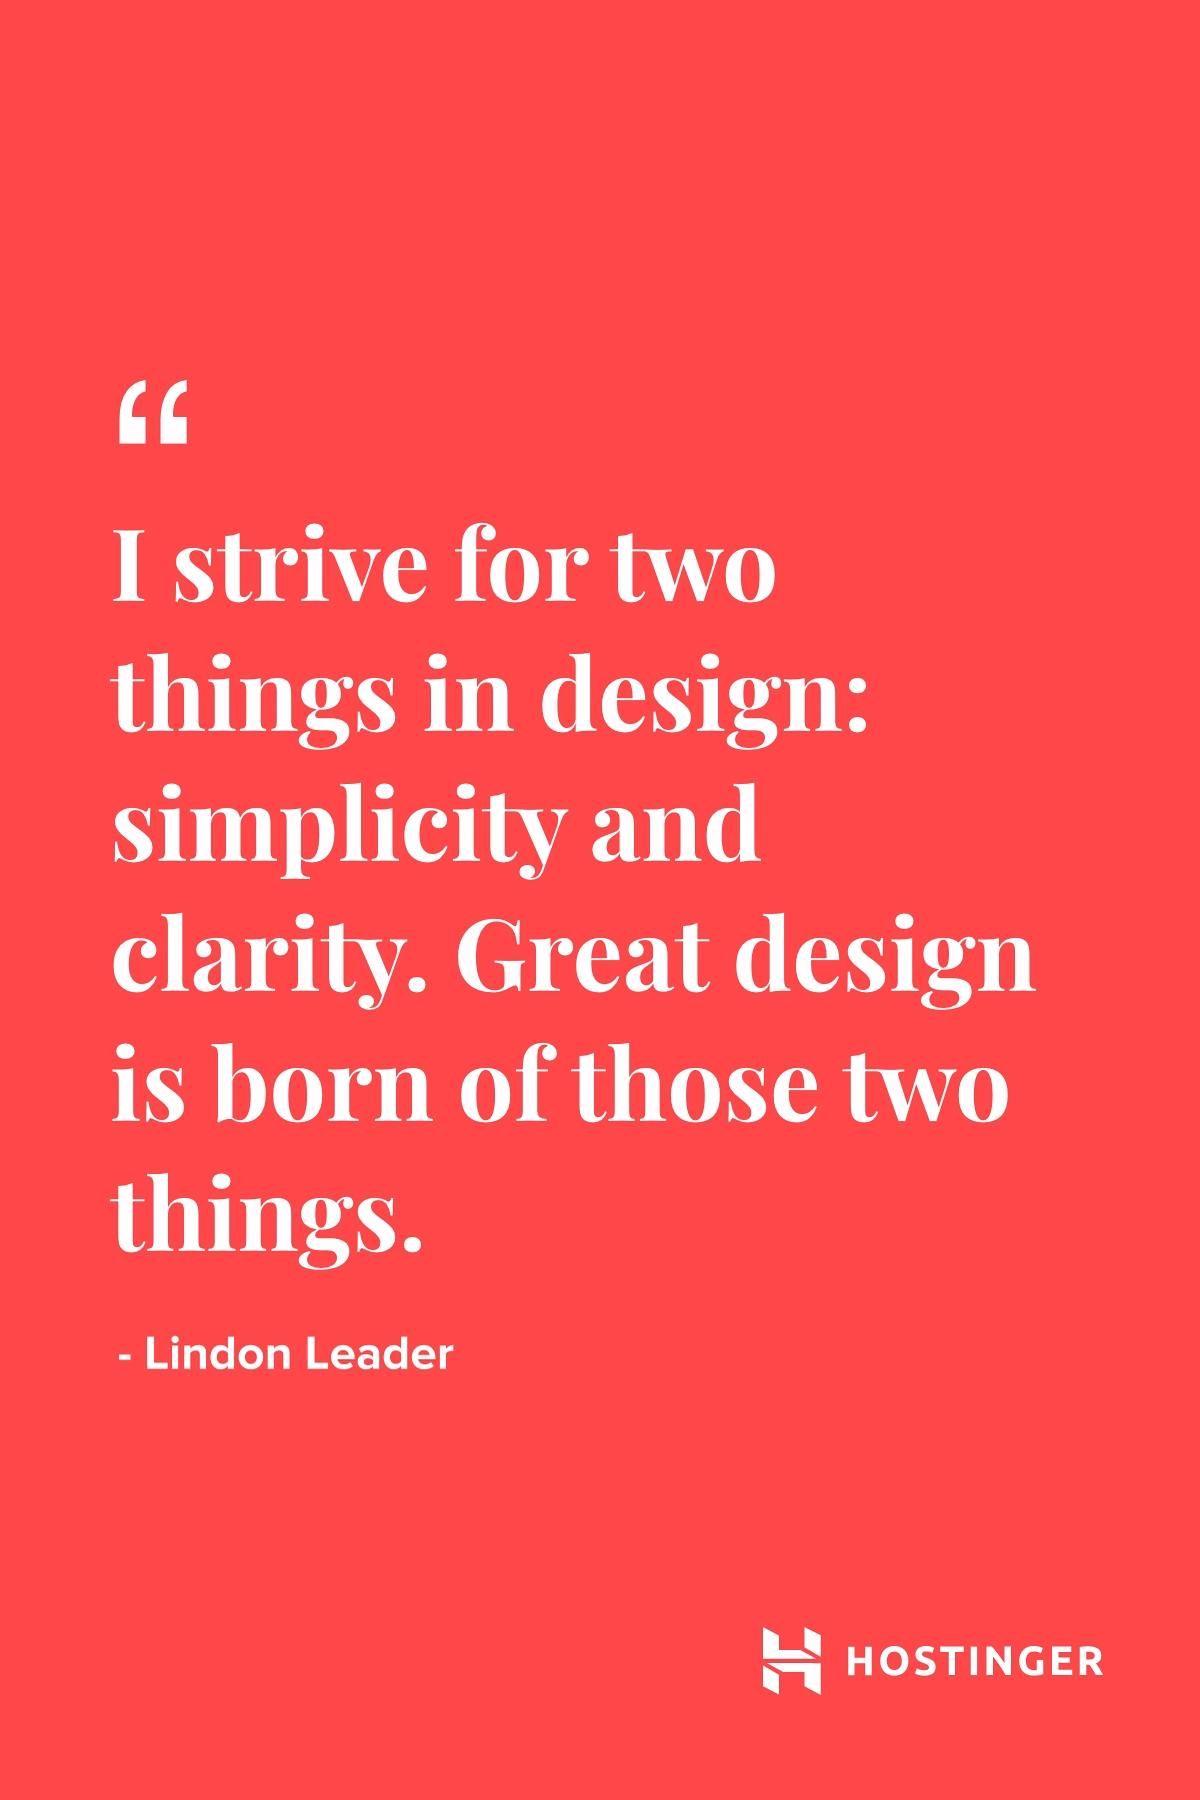 Quotes | Hostinger | Motivation | Lindon Leader